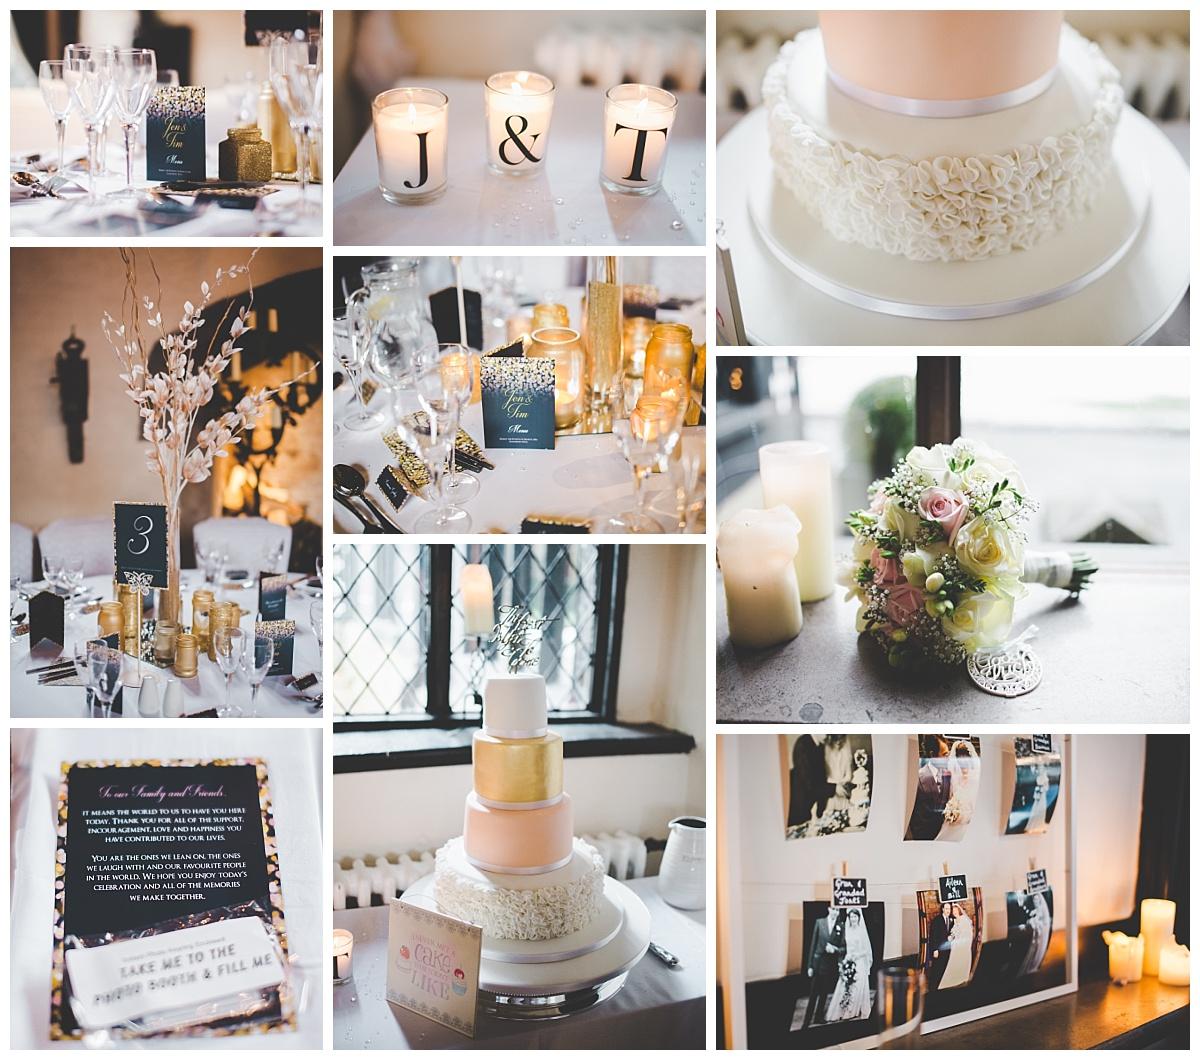 gold and navy wedding theme - samlesbury hall wedding